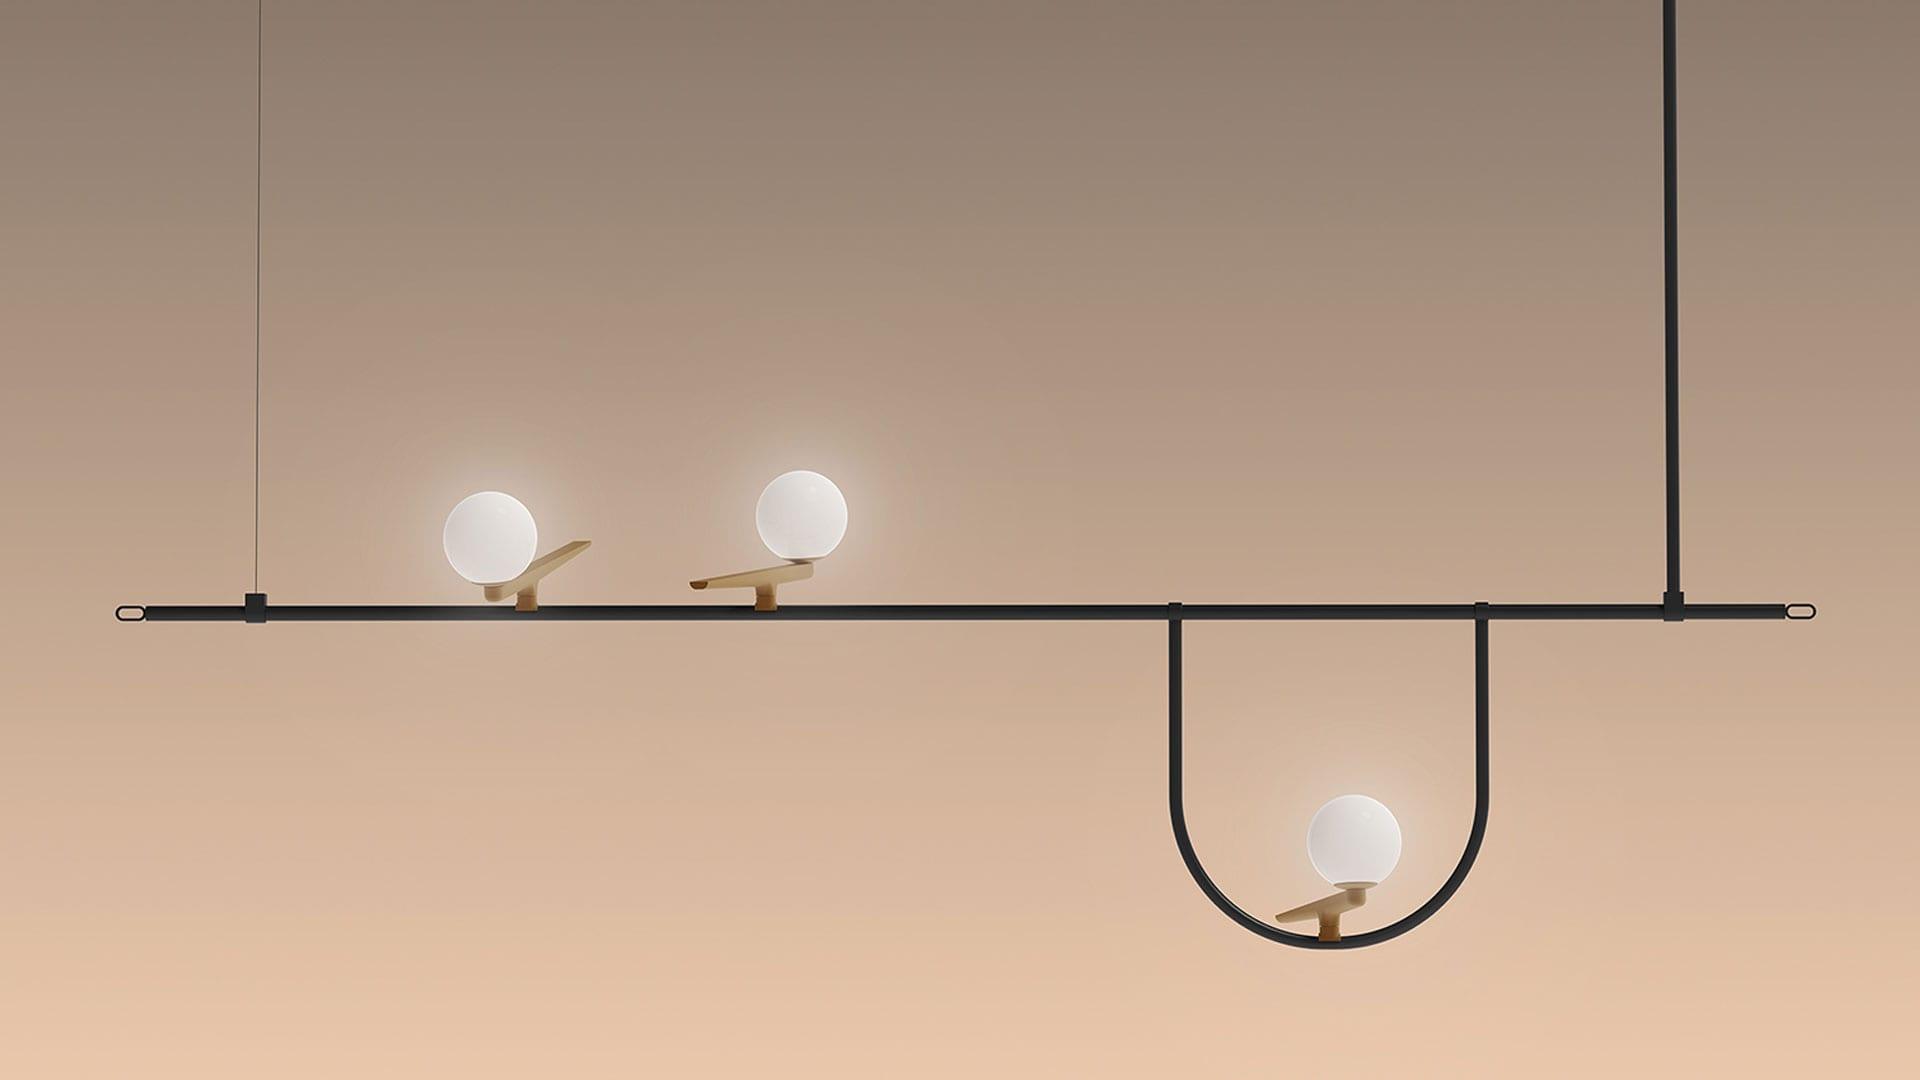 Lámparas colgantes Artemide en Valladolid